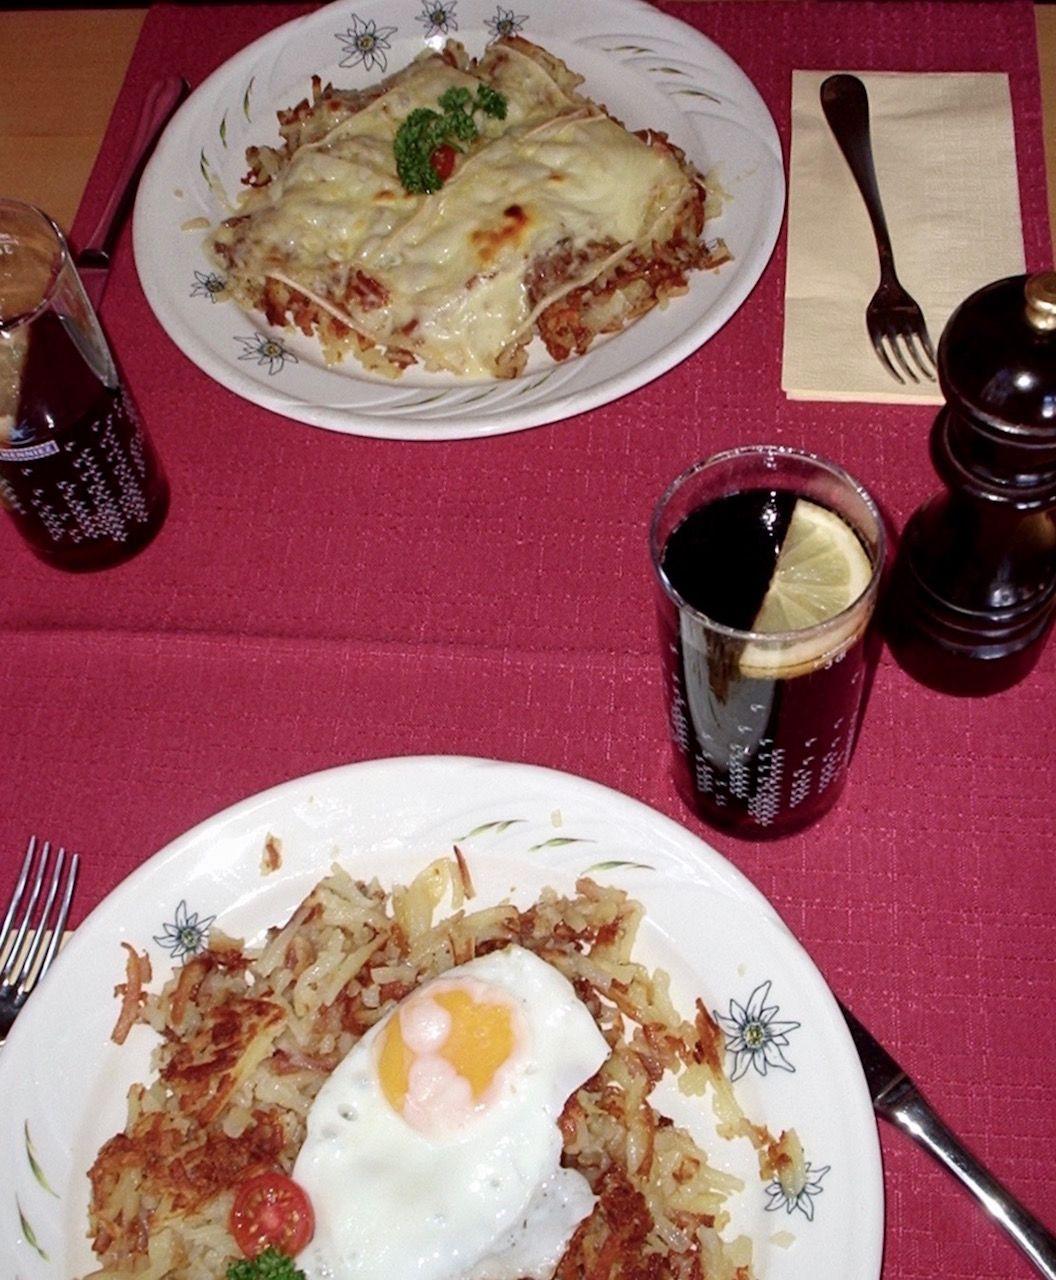 Rötti, plato típico suizo